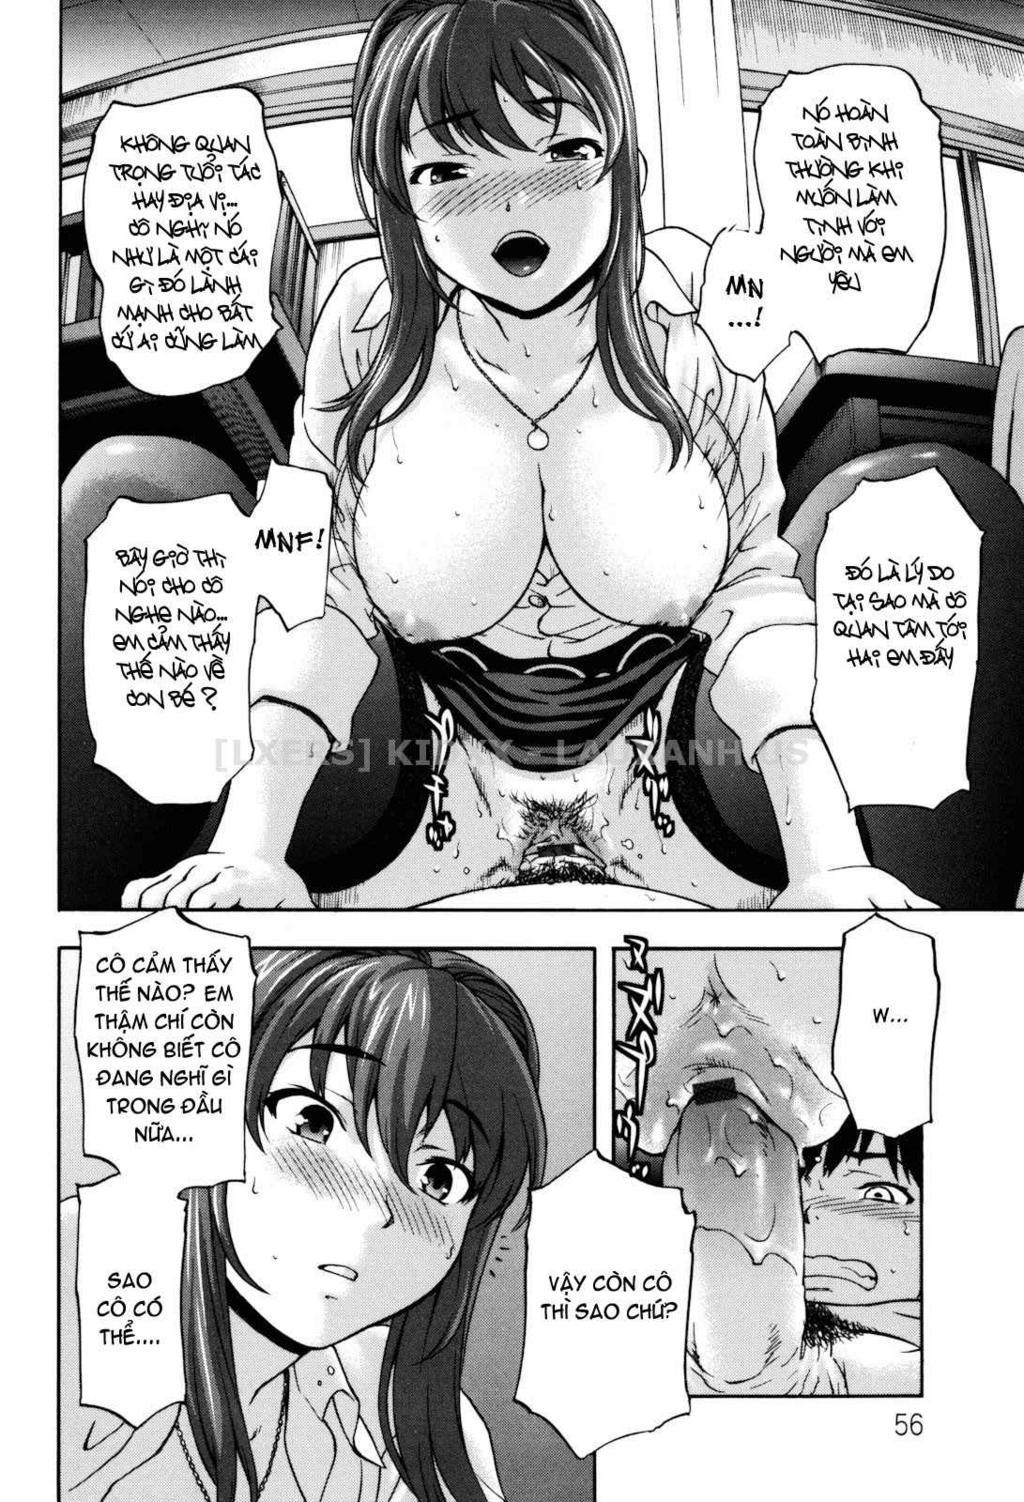 Hình ảnh image_011 in Hiếp dâm các em trinh nữ